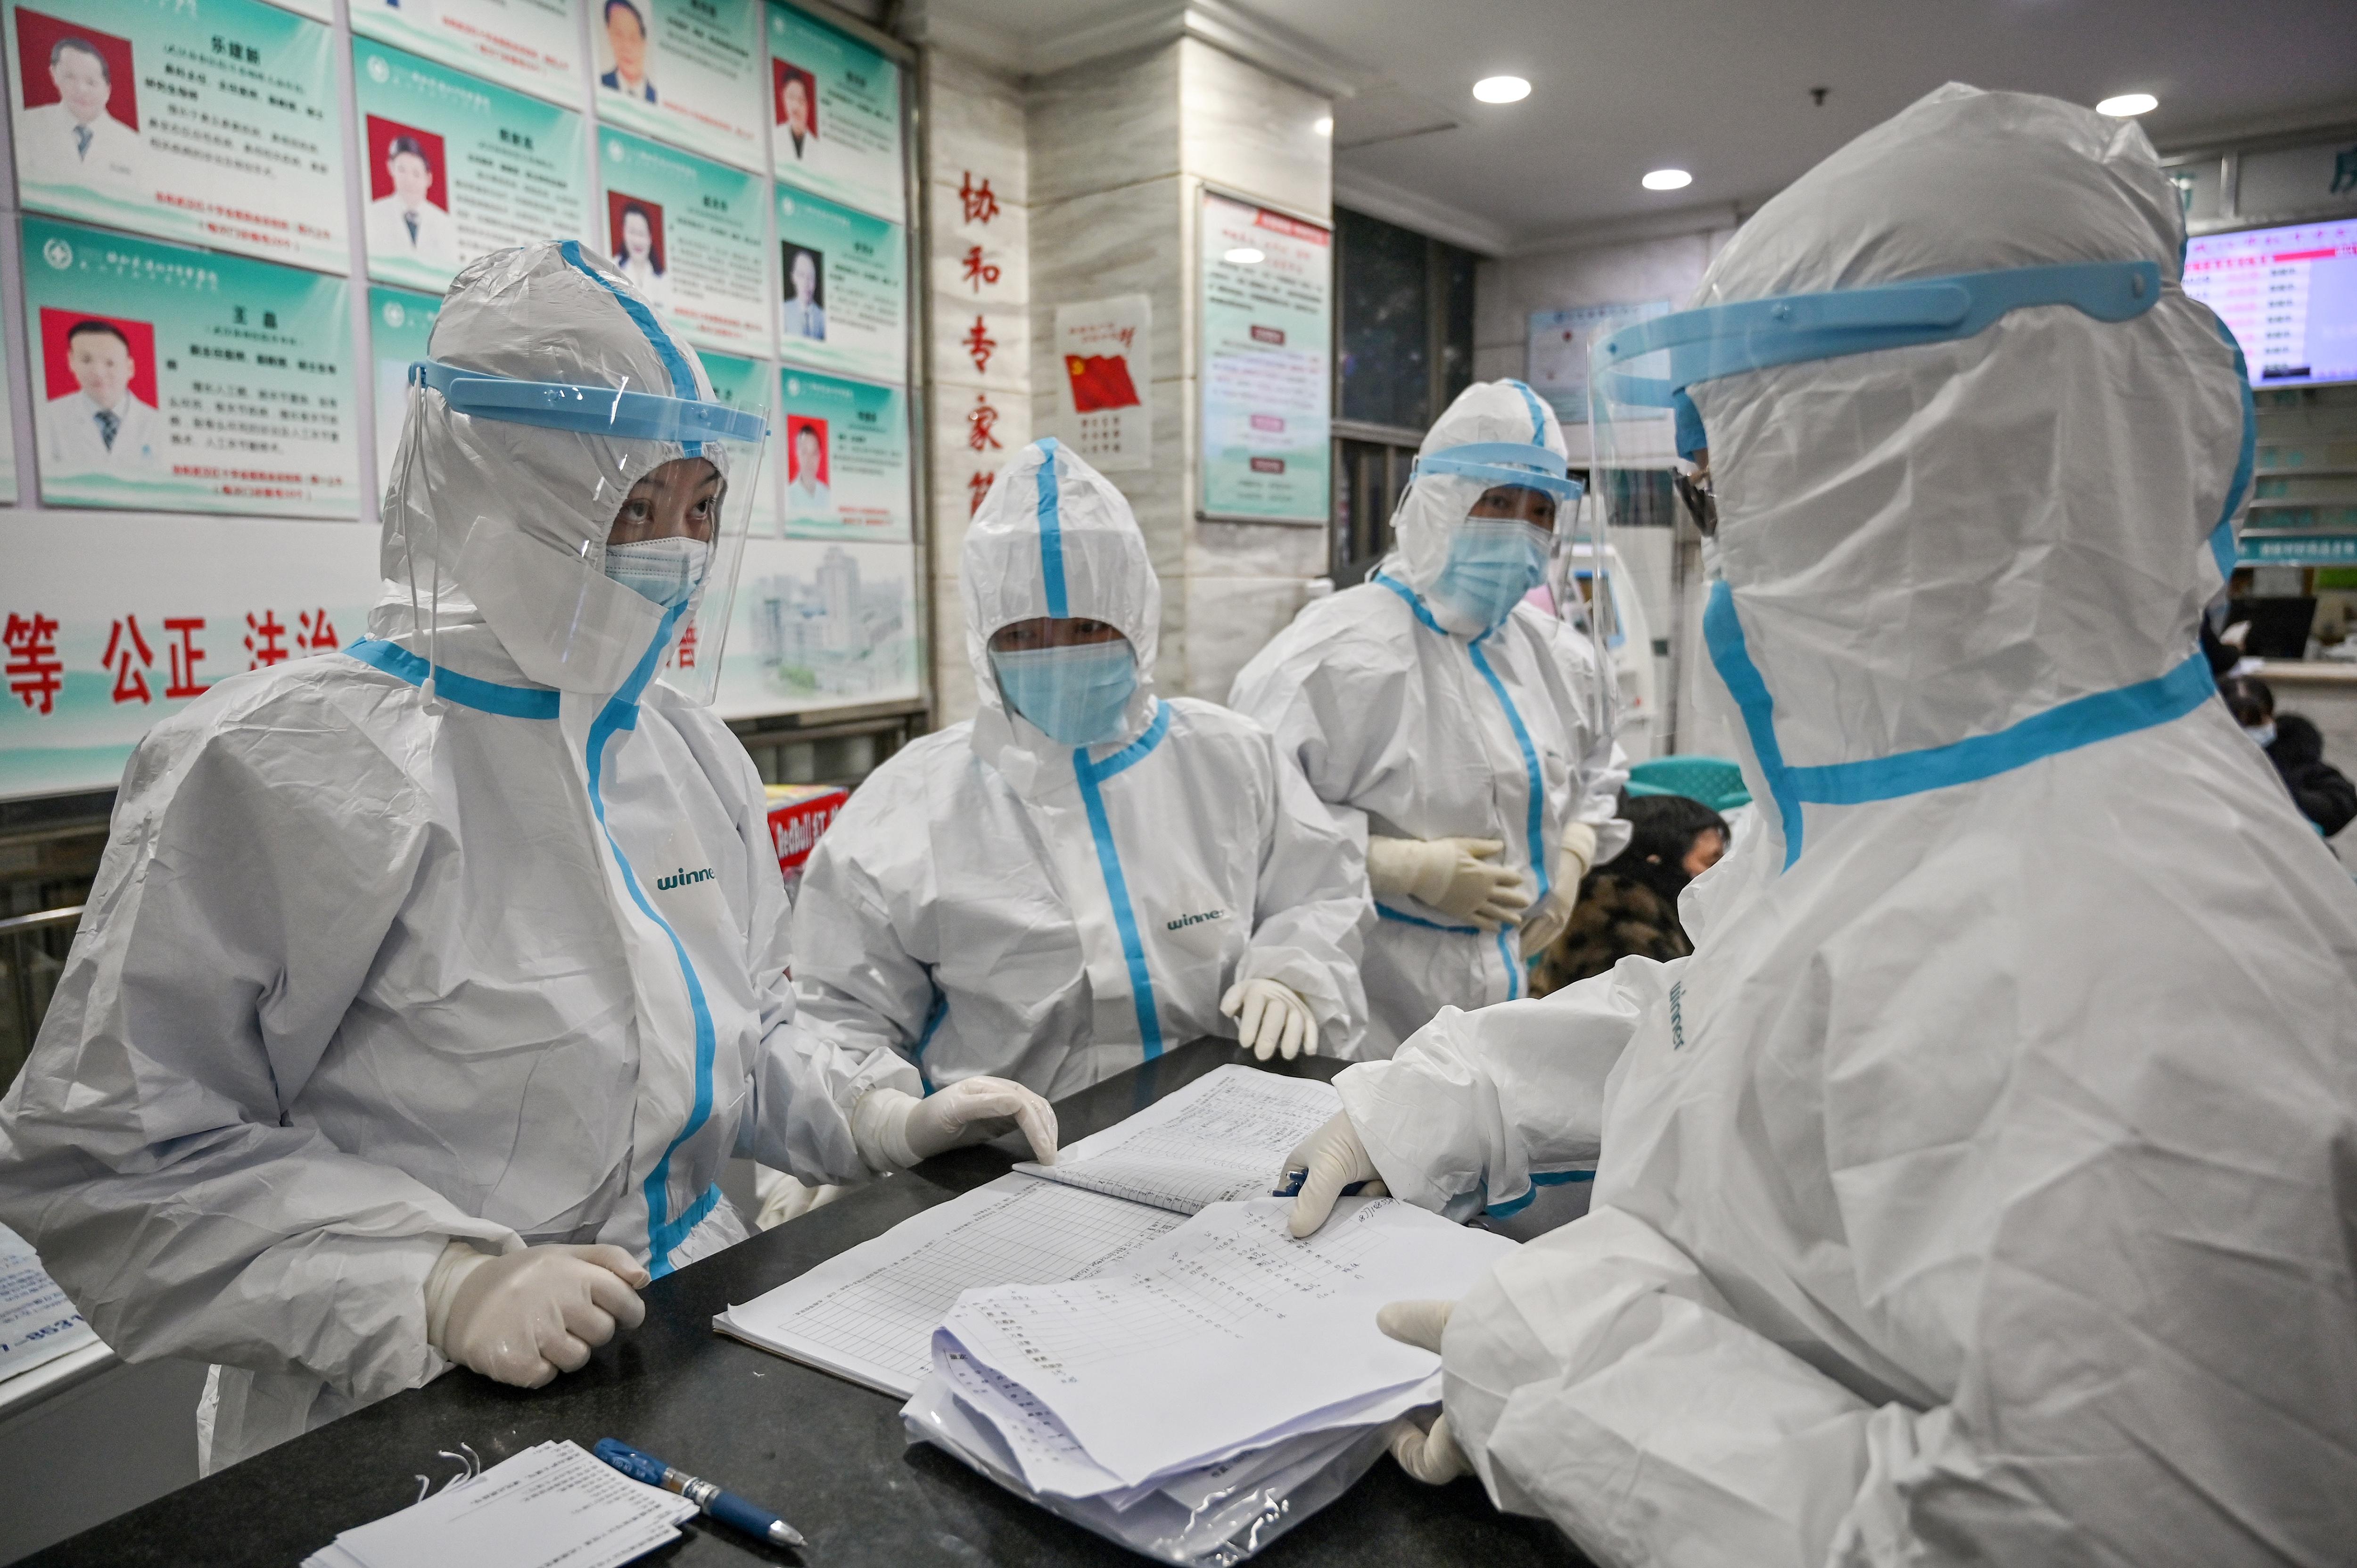 【新冠肺炎】中国专家:确诊病例近日激增在预期当中